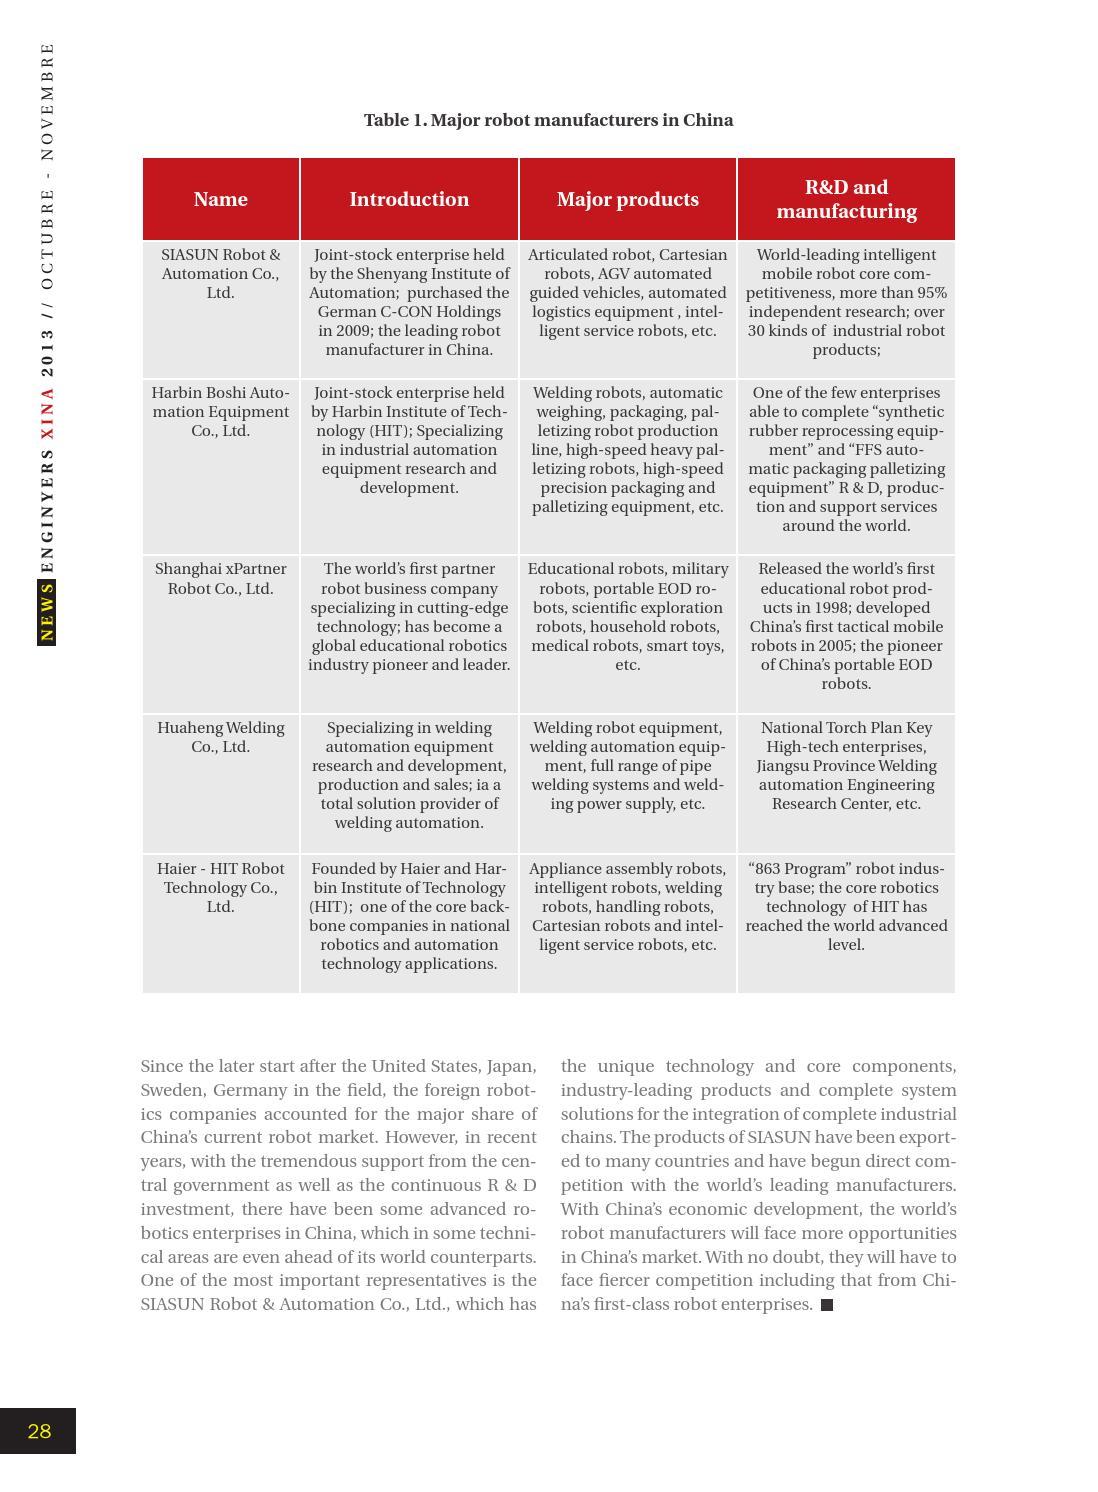 News Enginyers Xina - Octubre - Novembre 2013 by Col·legi d